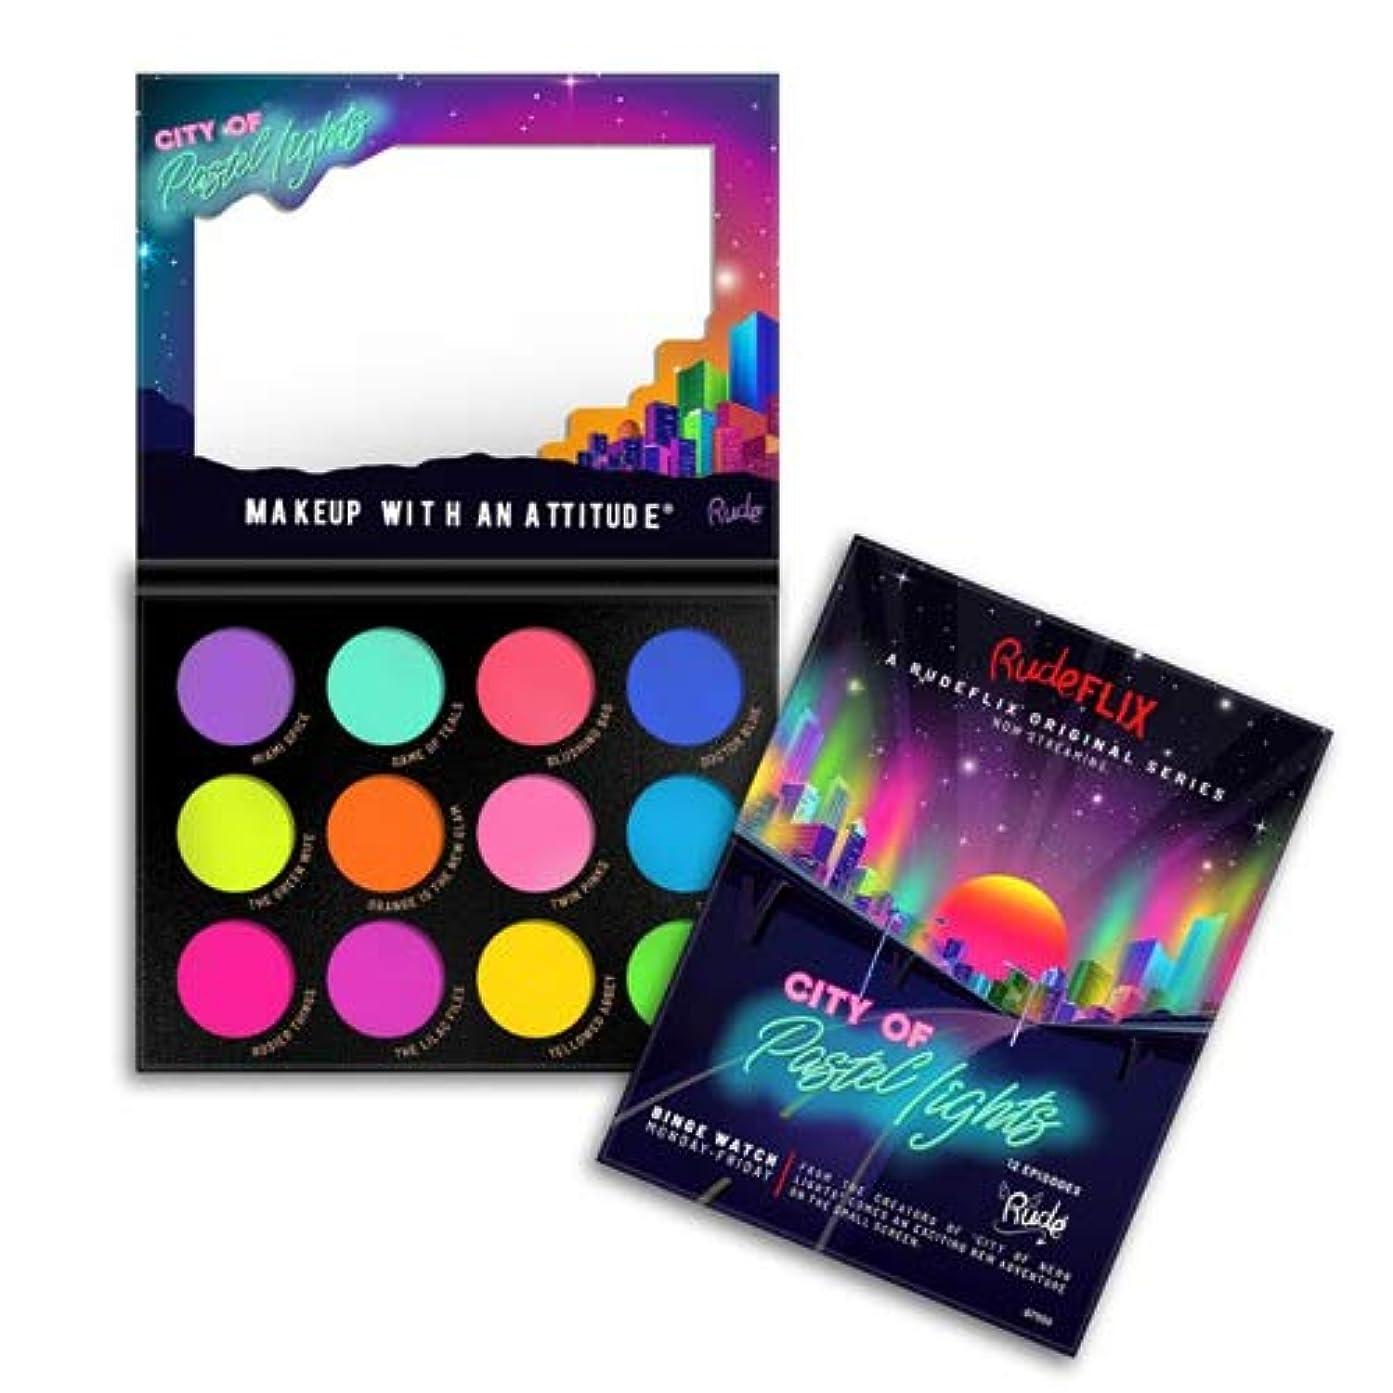 回転する練習ねじれRUDE City of Pastel Lights - 12 Pastel Pigment & Eyeshadow Palette (6 Pack) (並行輸入品)